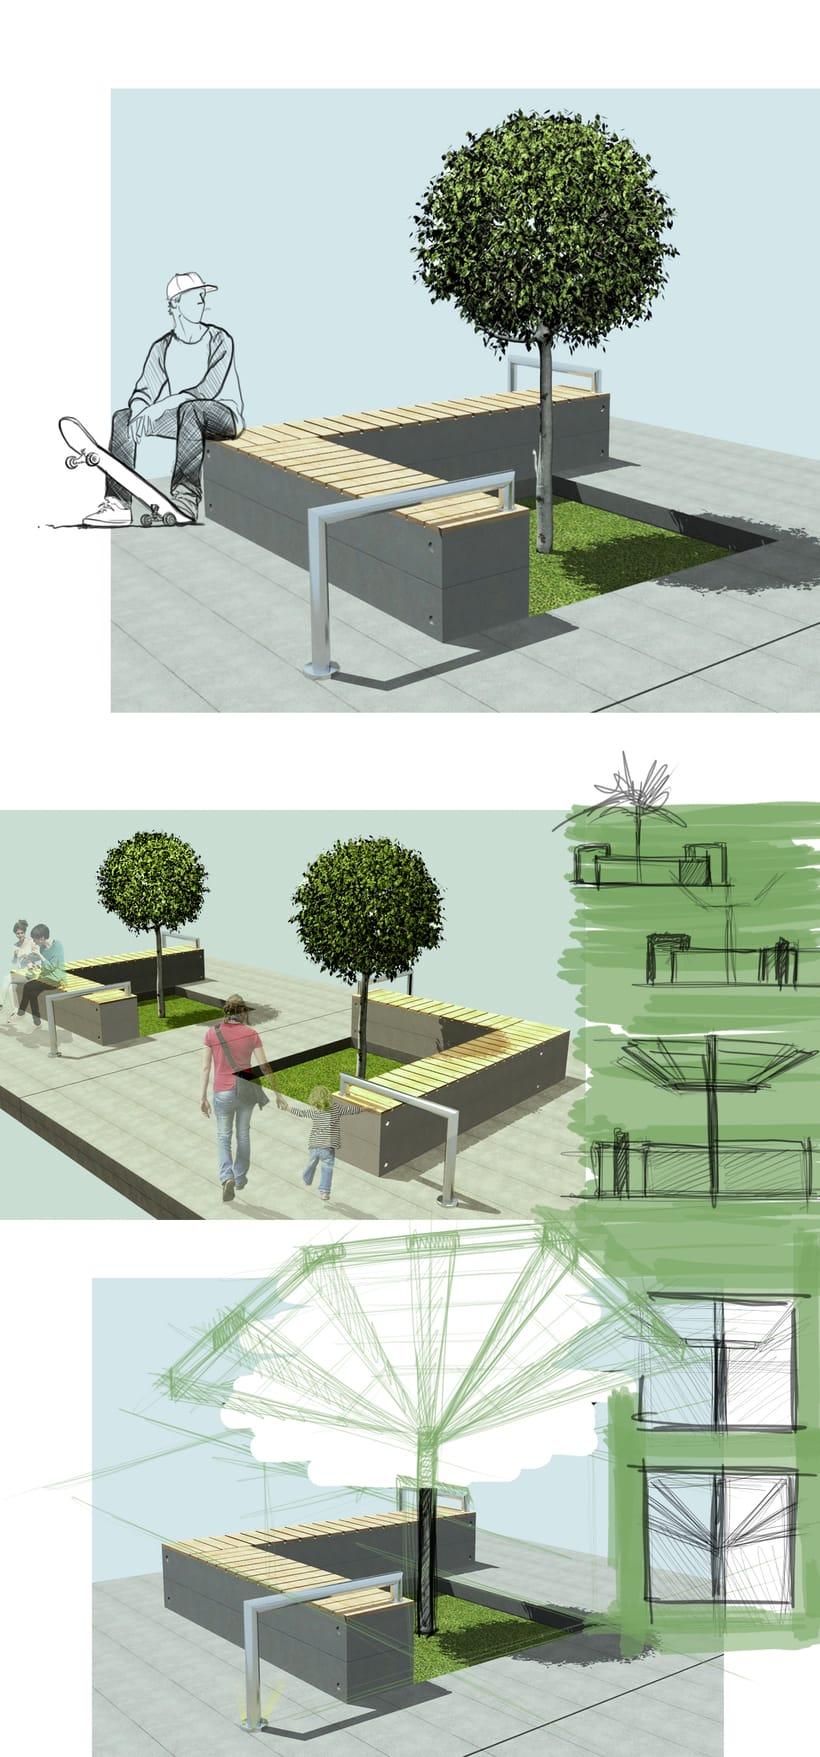 Proyecto de Urbanización Industrial  10